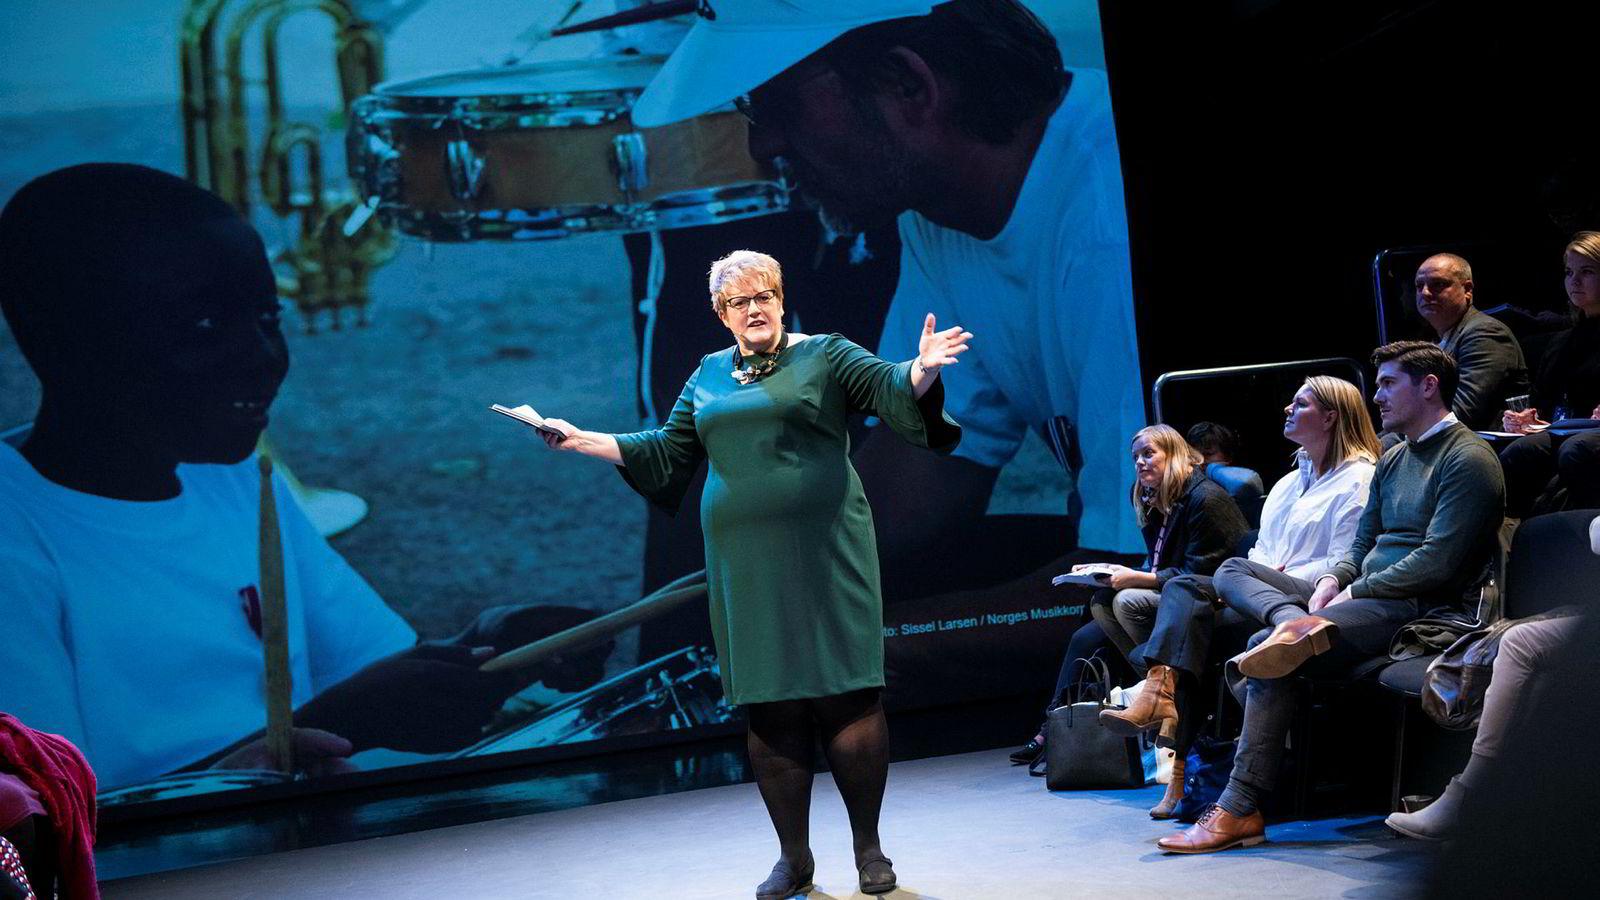 Kulturminister Trine Skei Grande presenterte sitt forslag til kulturbudsjett på Dramatikkens Hus på Grønland i Oslo.